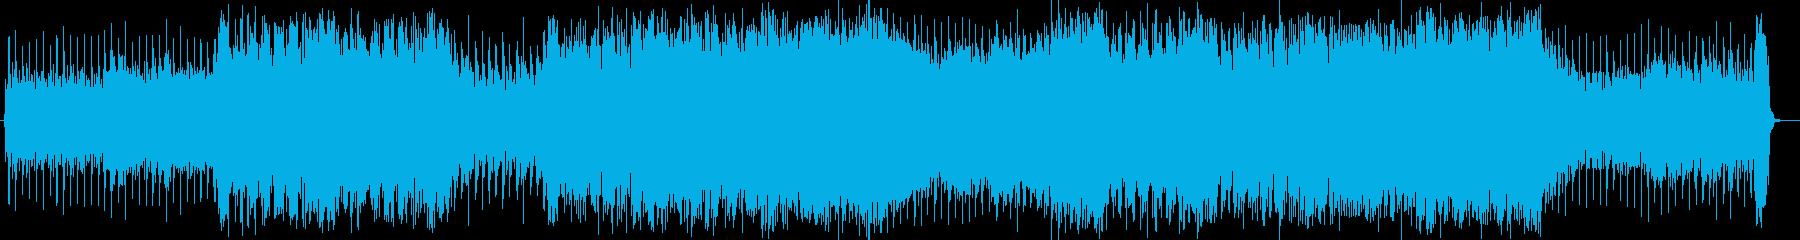 ワイルドで軽快なハードロックの再生済みの波形